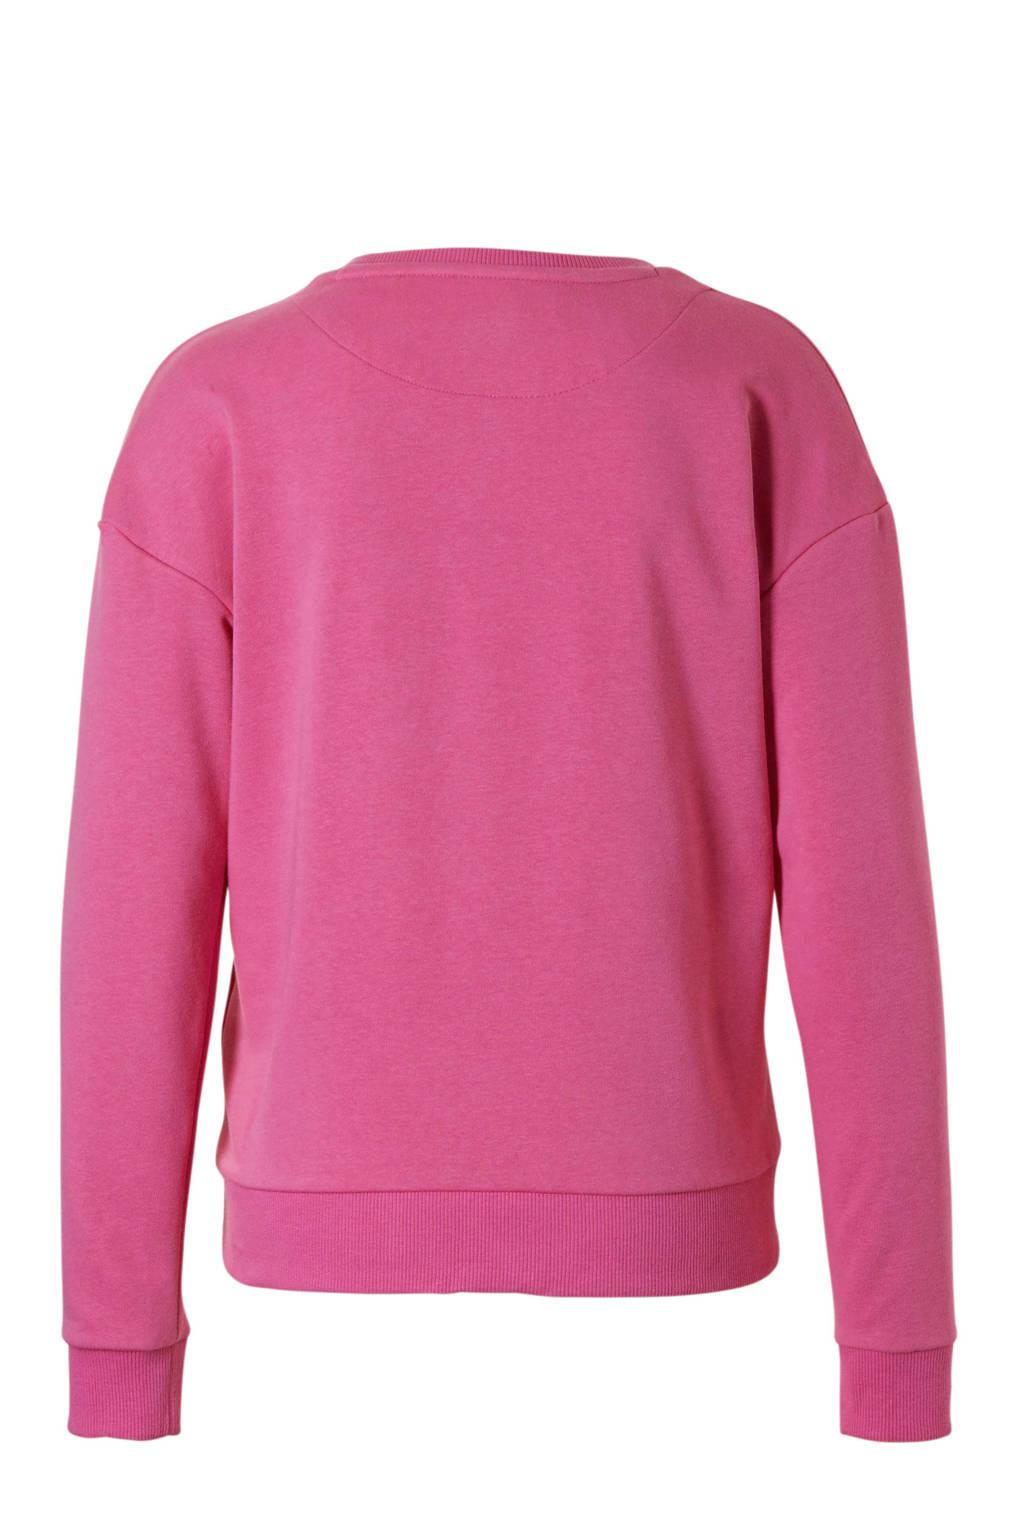 Roze Superdrysport Superdrysport Superdrysport Sportsweater Sportsweater Sportsweater Roze Superdrysport Roze 86xq5tw